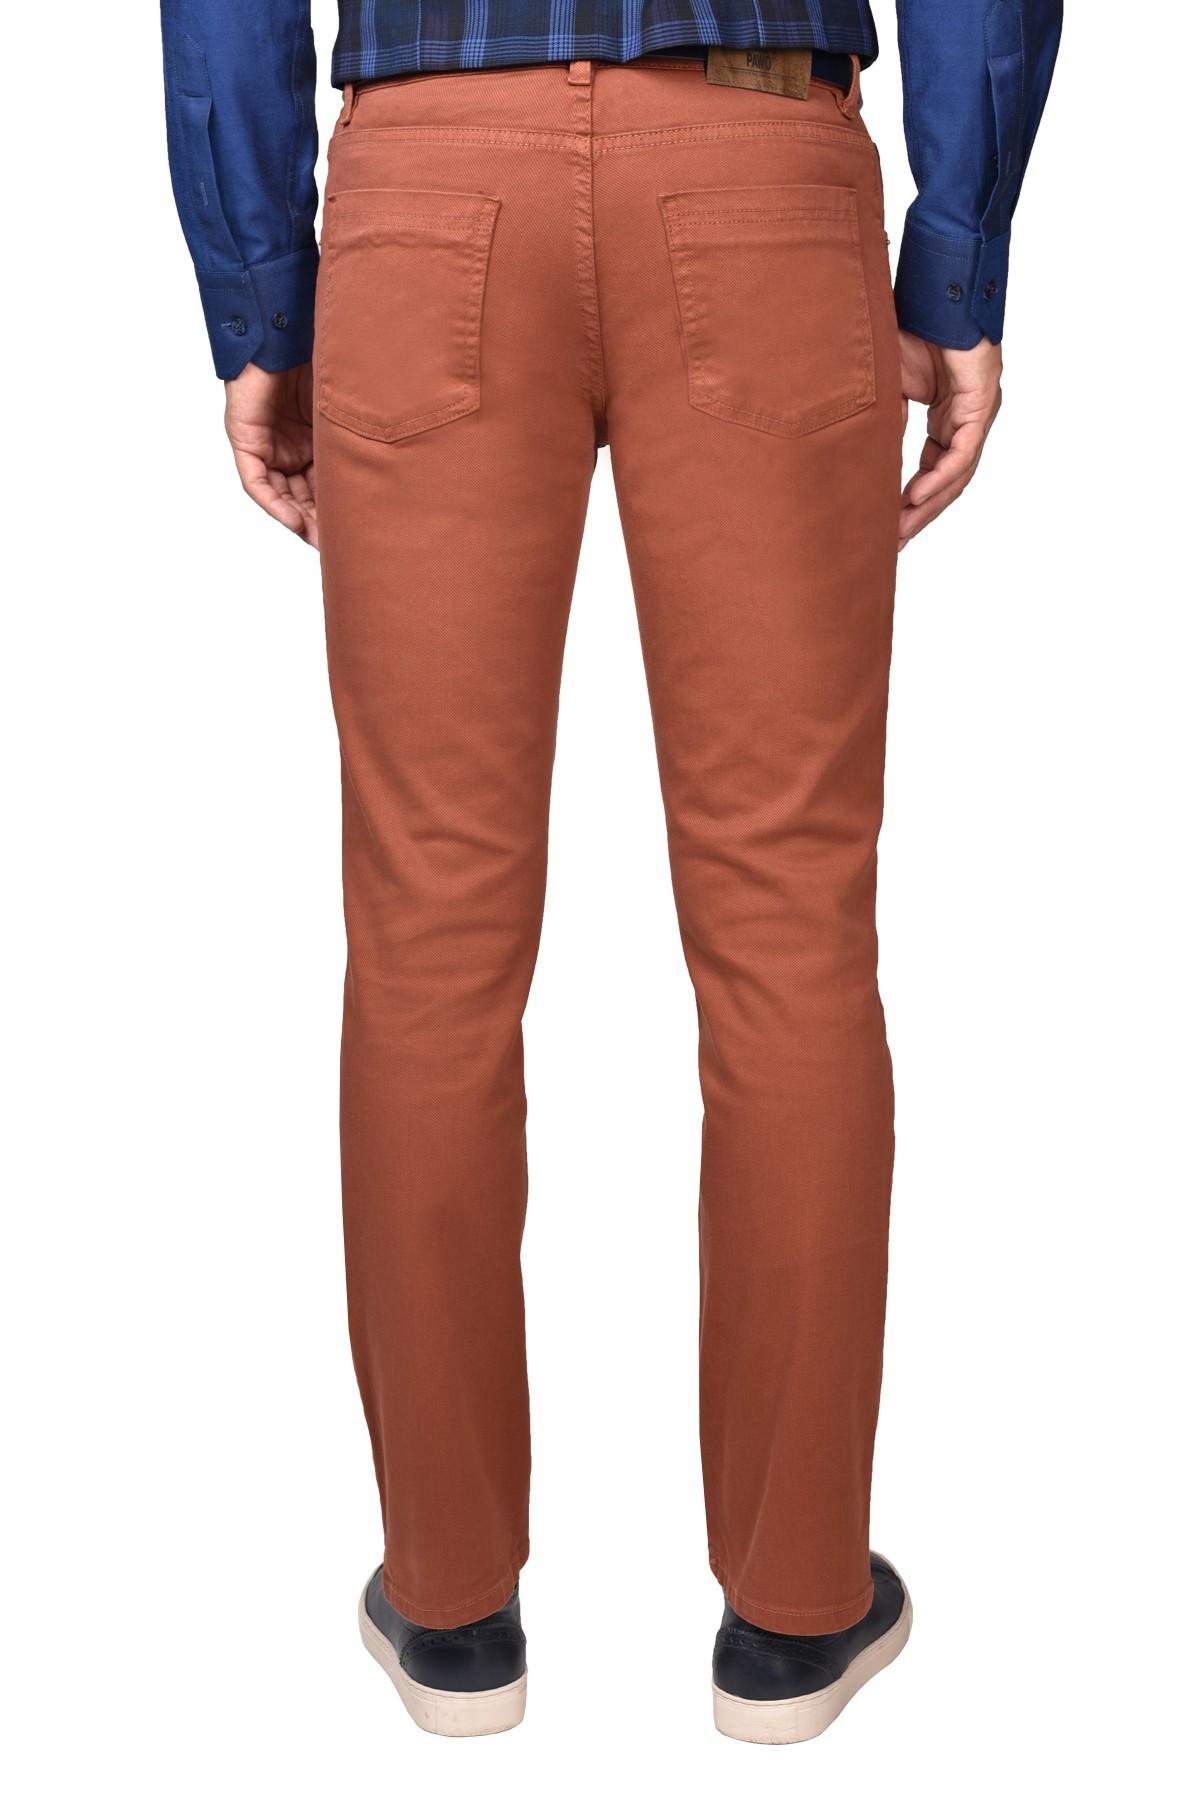 rude spodnie męskie bawełniane casual